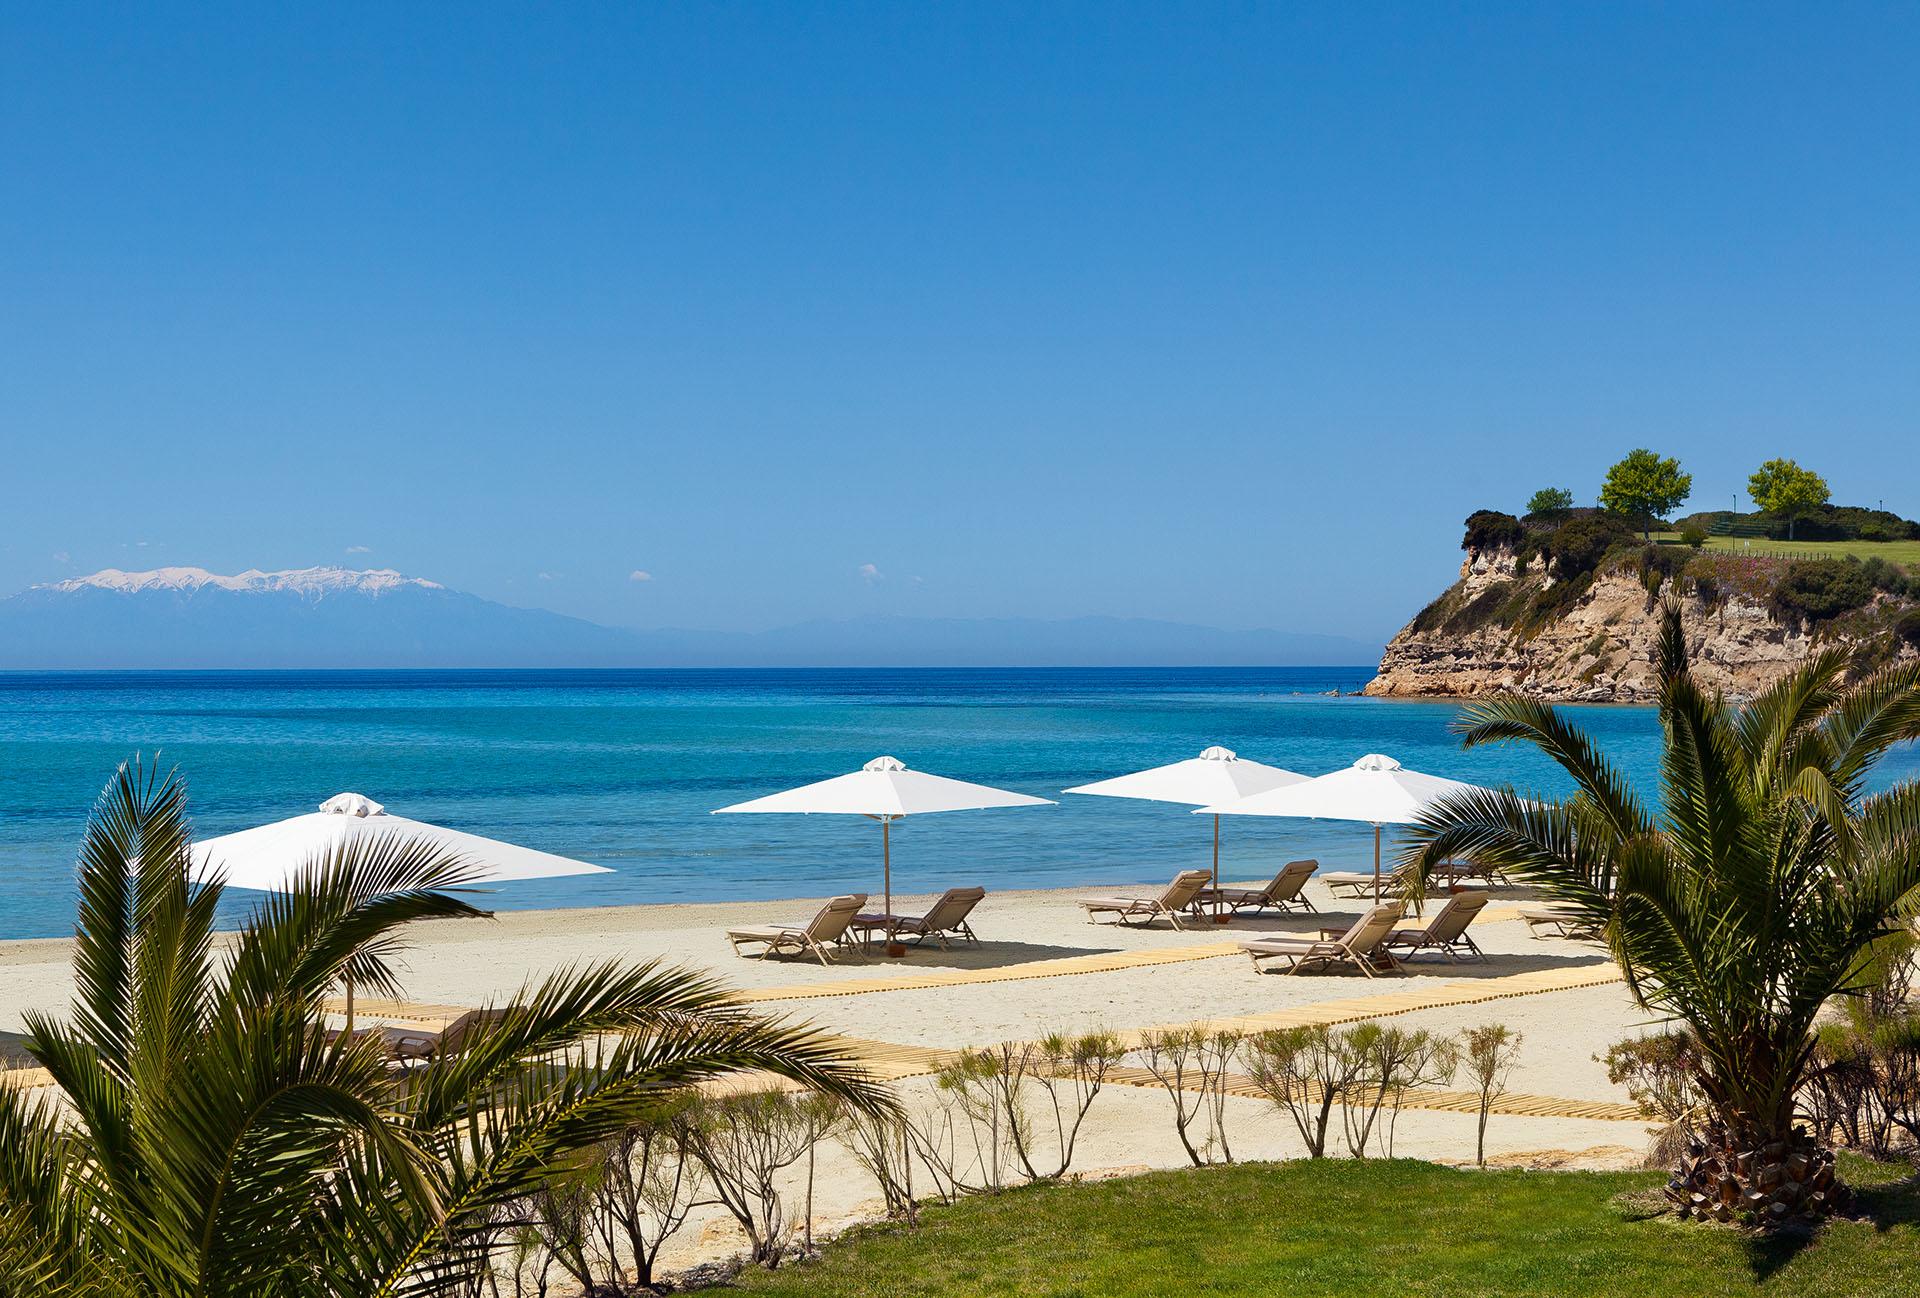 Sani Resort - излюбленное место отдыха в бархатный сезон